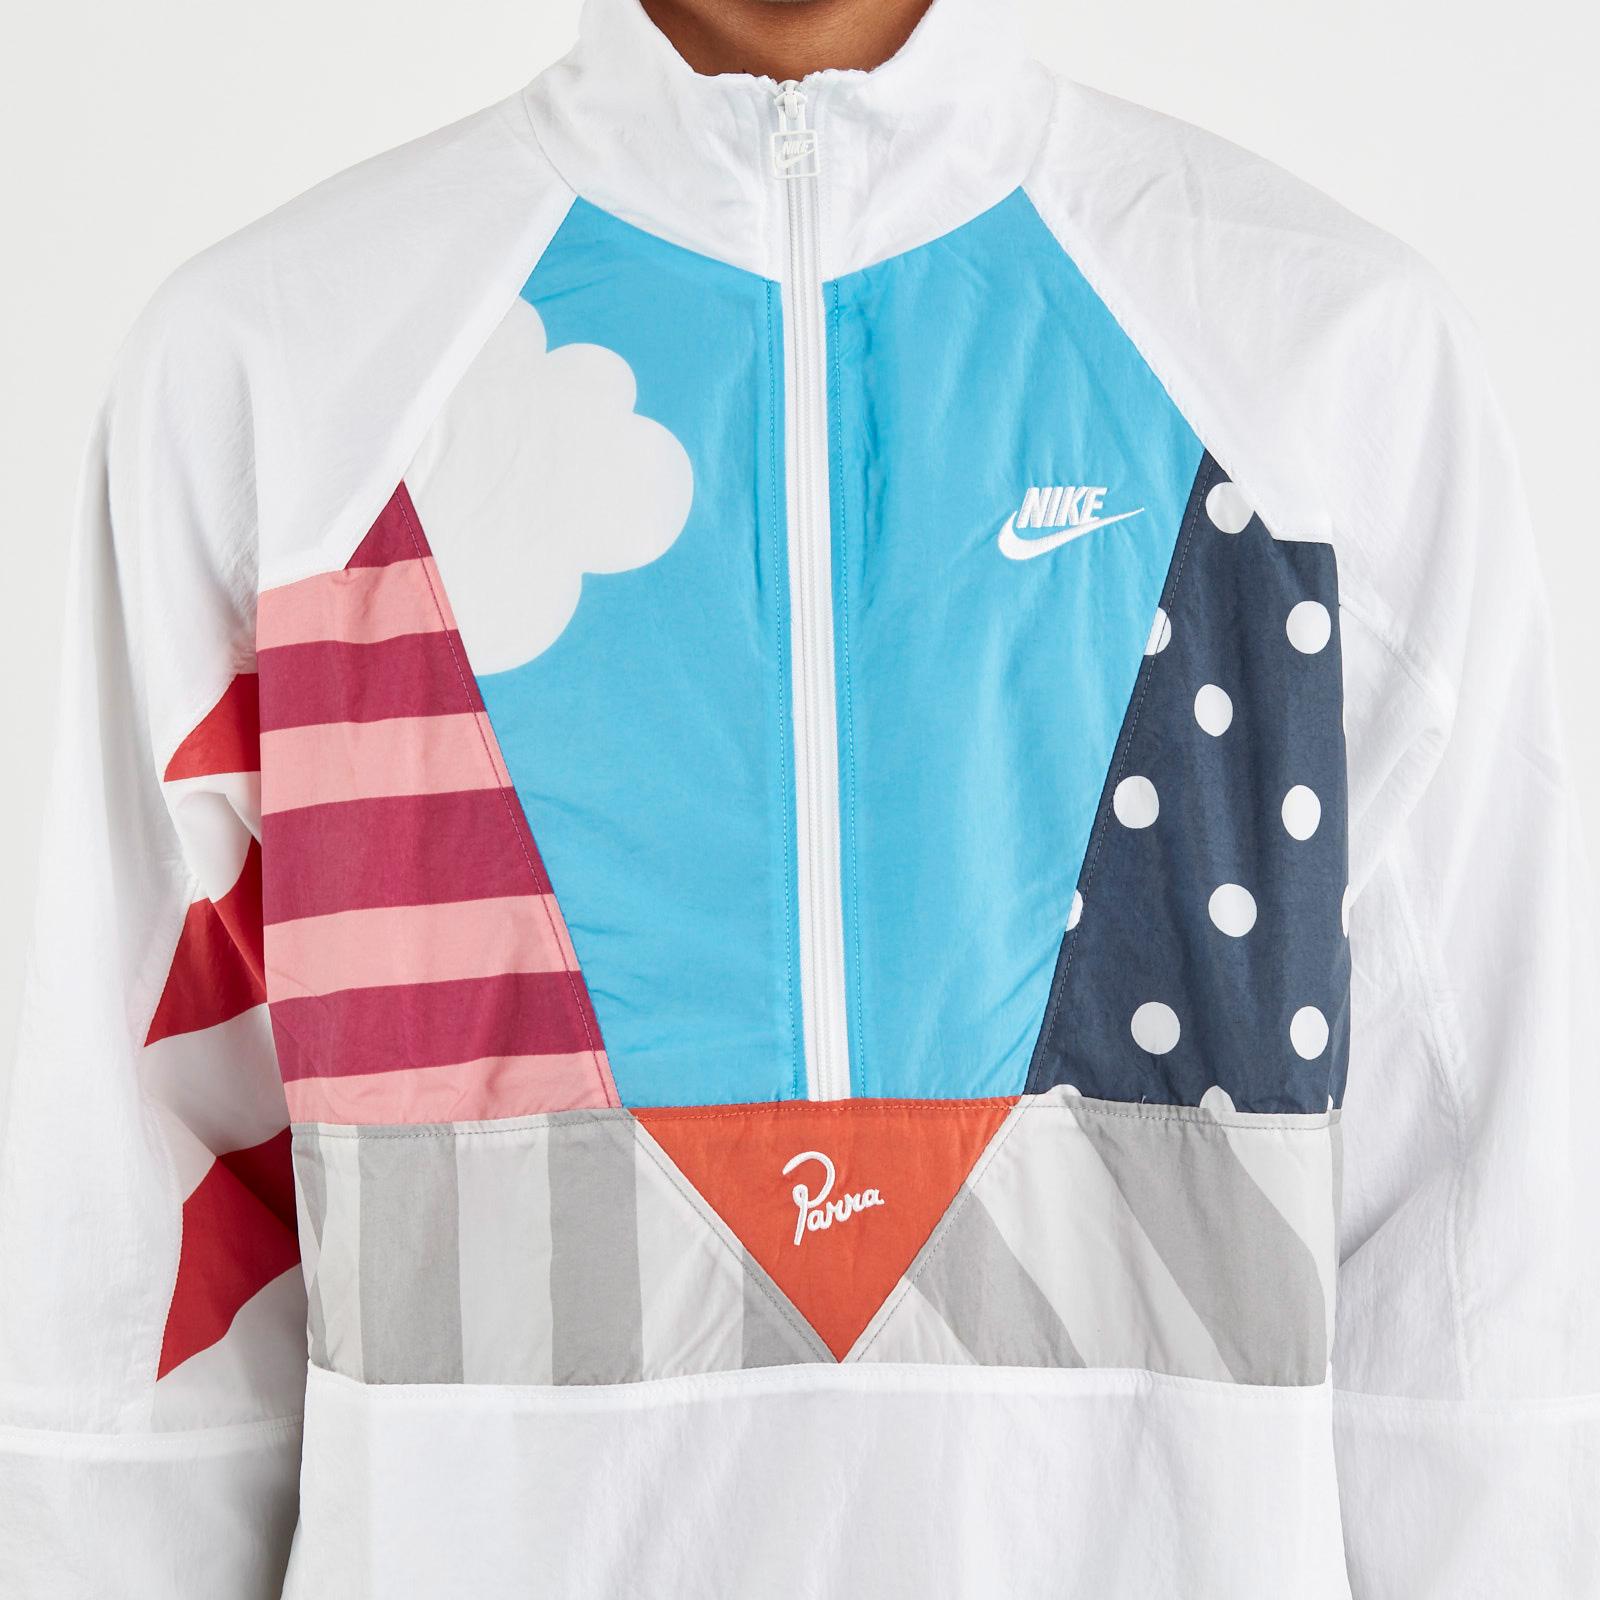 ... Nike Sportswear Hypercool Half Zip Warm-Up Tracksuit ... 18ccc5e15